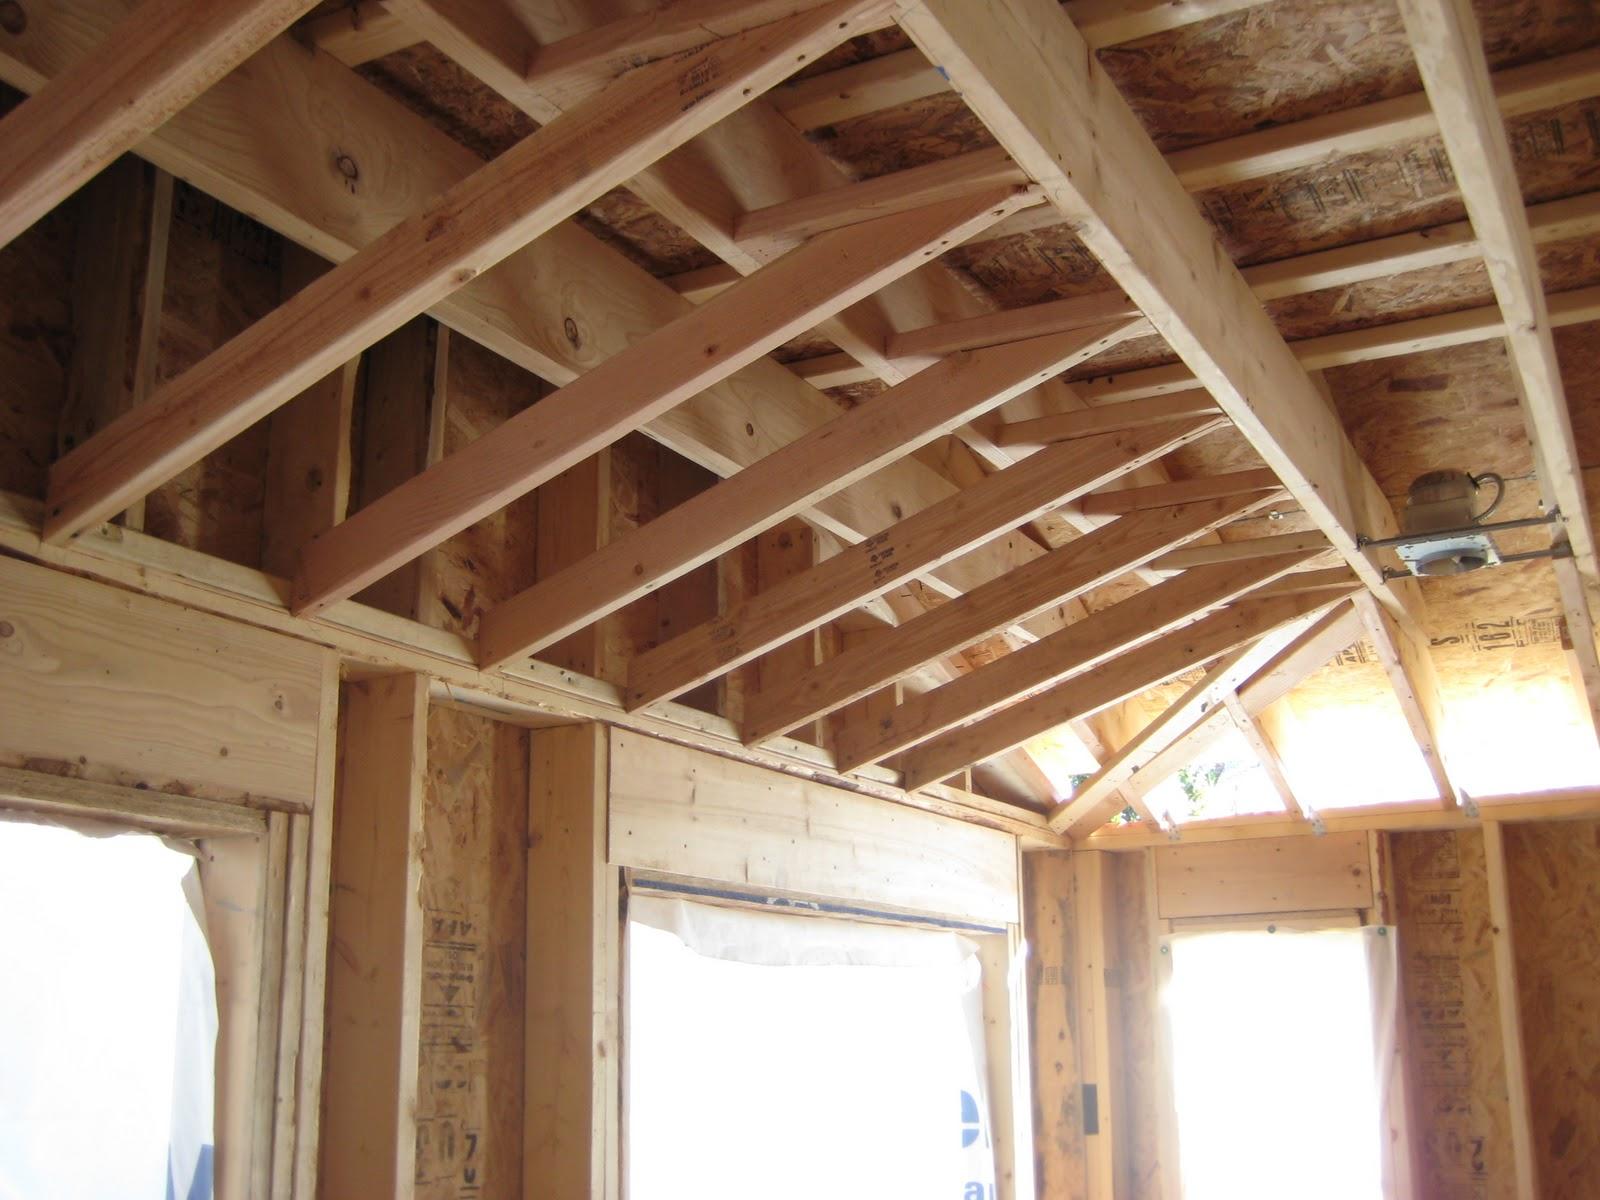 Tray Ceiling Framing Details | www.energywarden.net